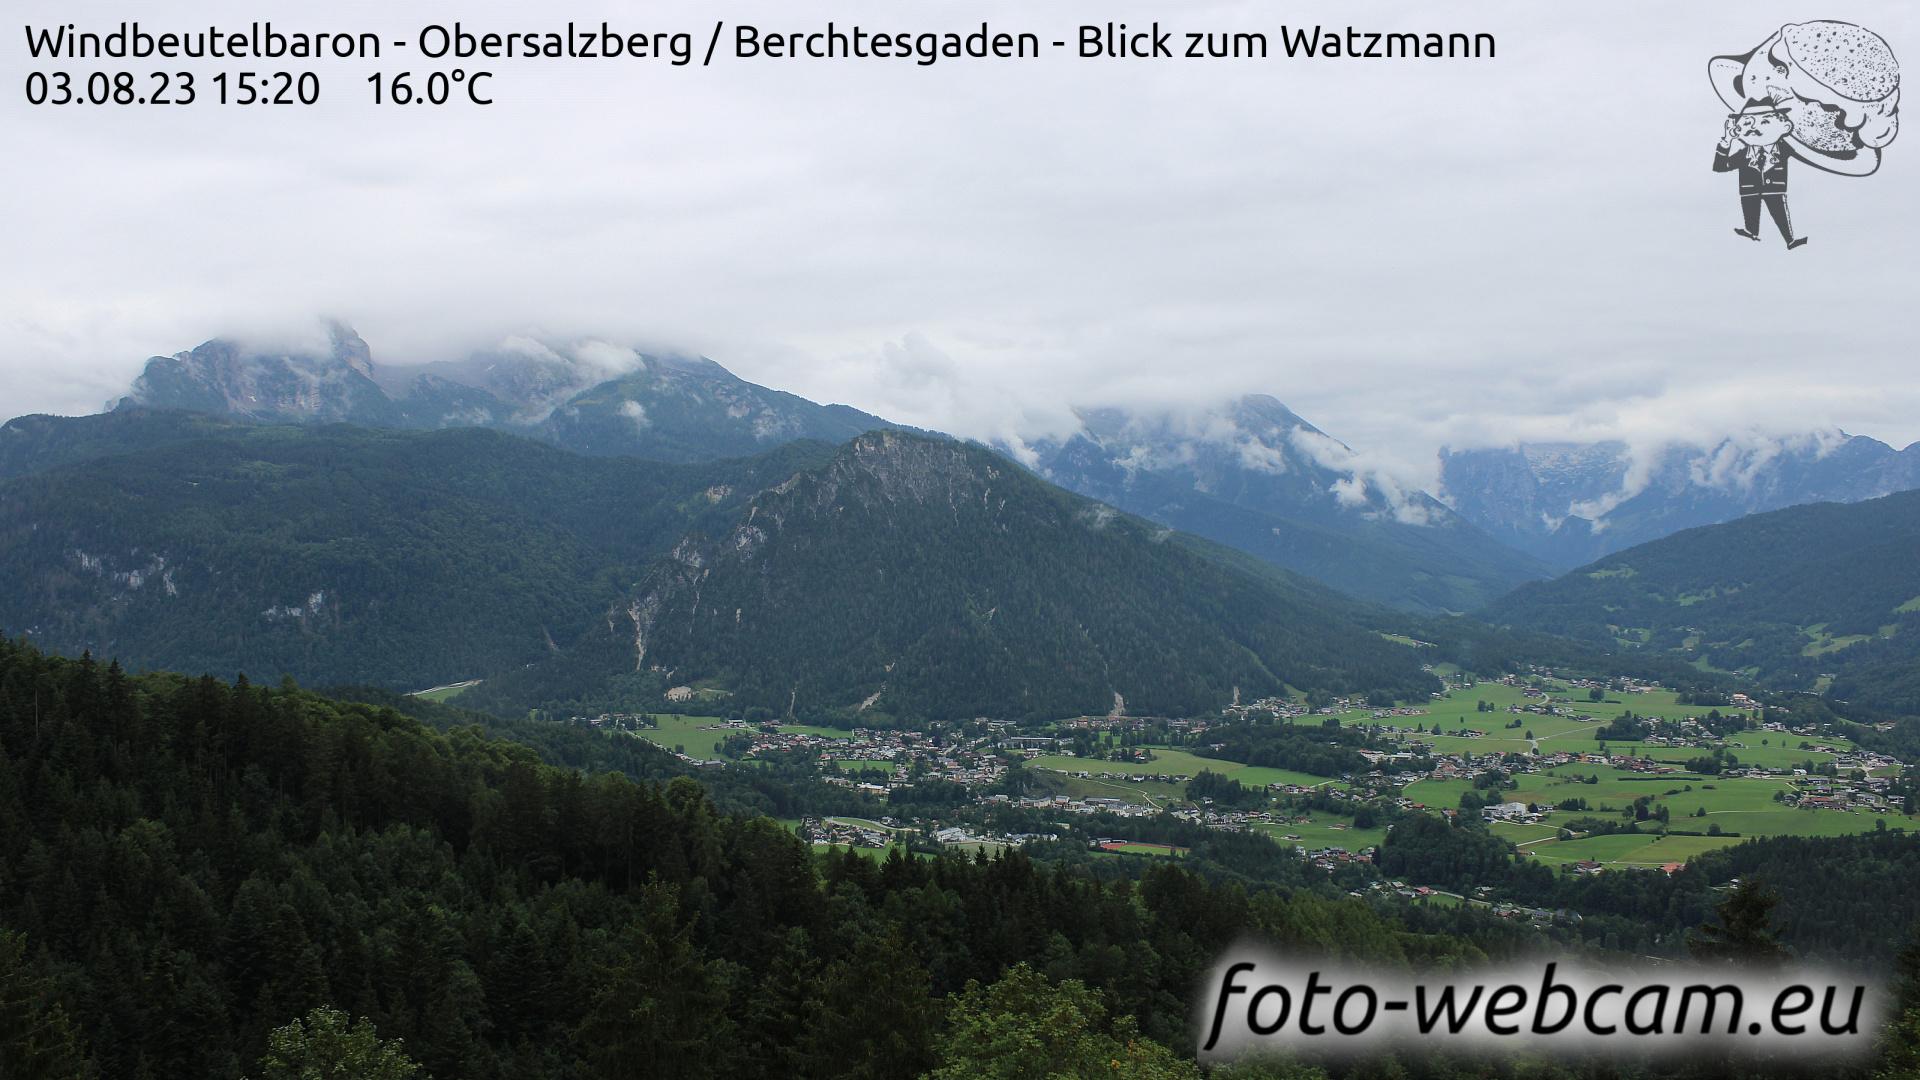 Berchtesgaden Sat. 15:32